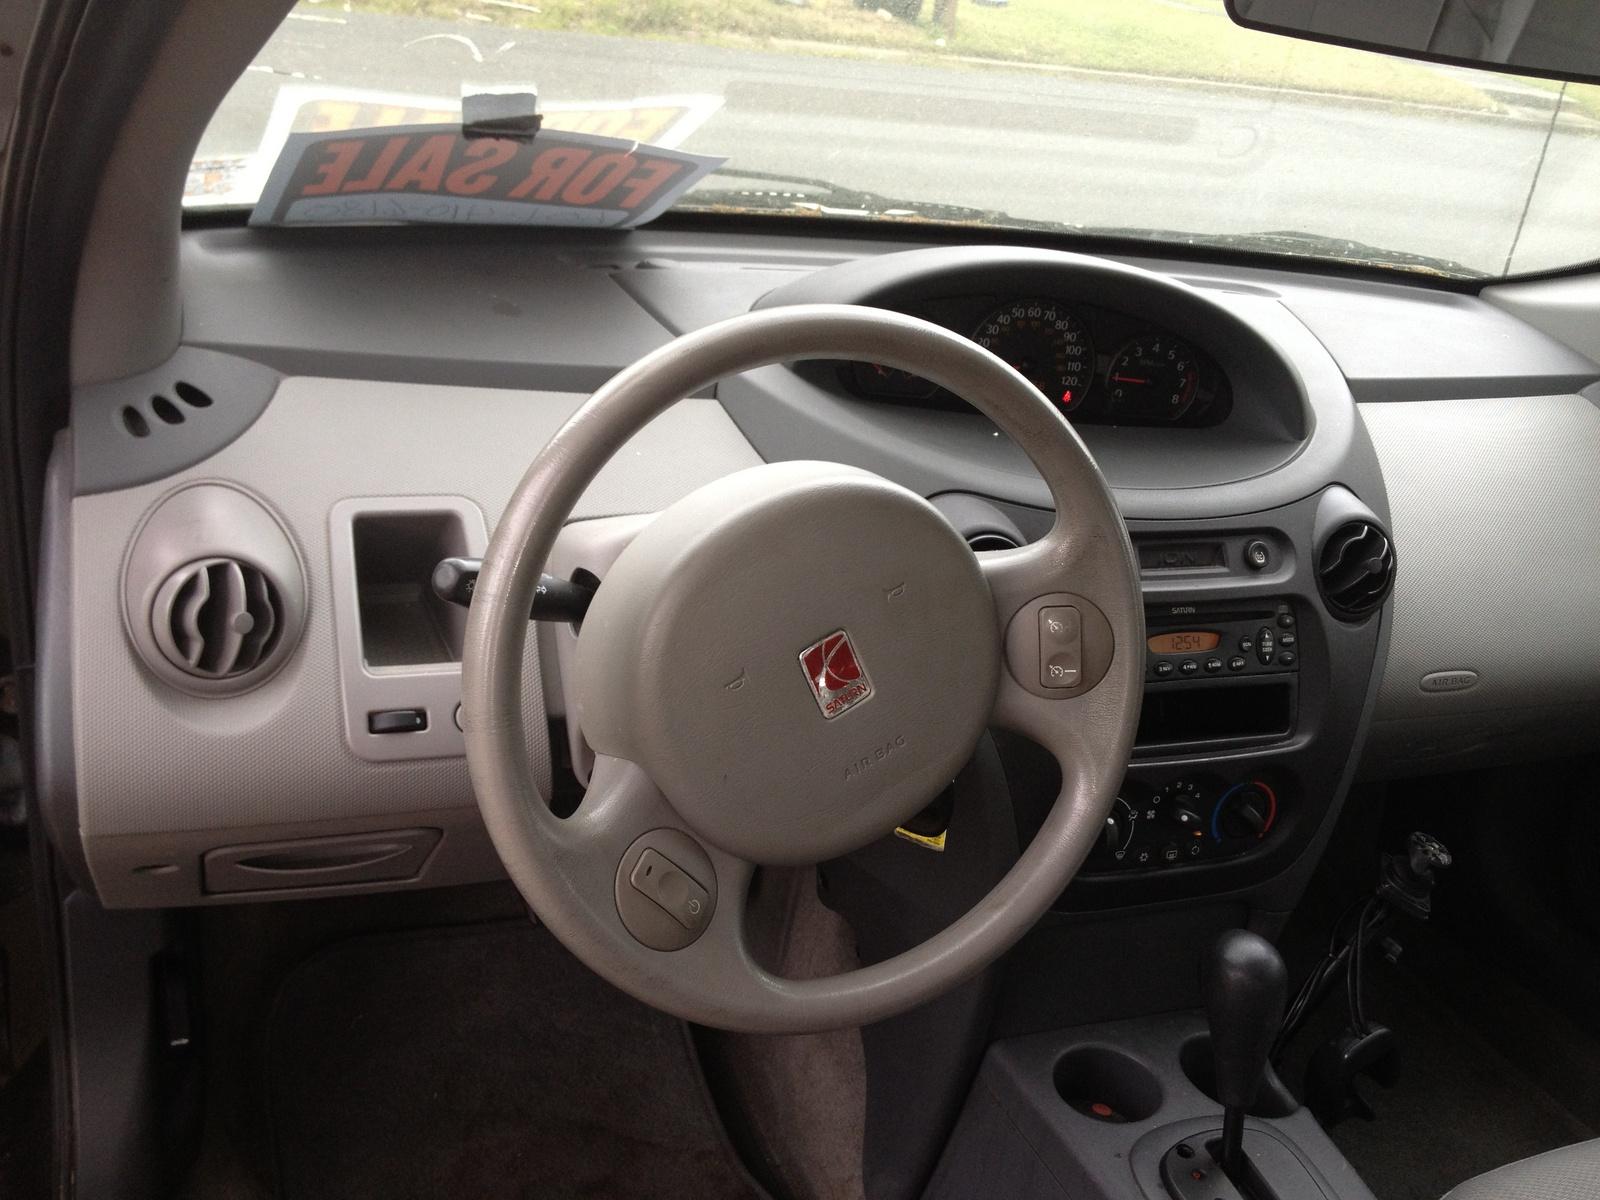 Car saturn part 60 picture of 2003 saturn ion 2 interior 2003 saturn ion 2 pic 1066506750336614265 vanachro Images